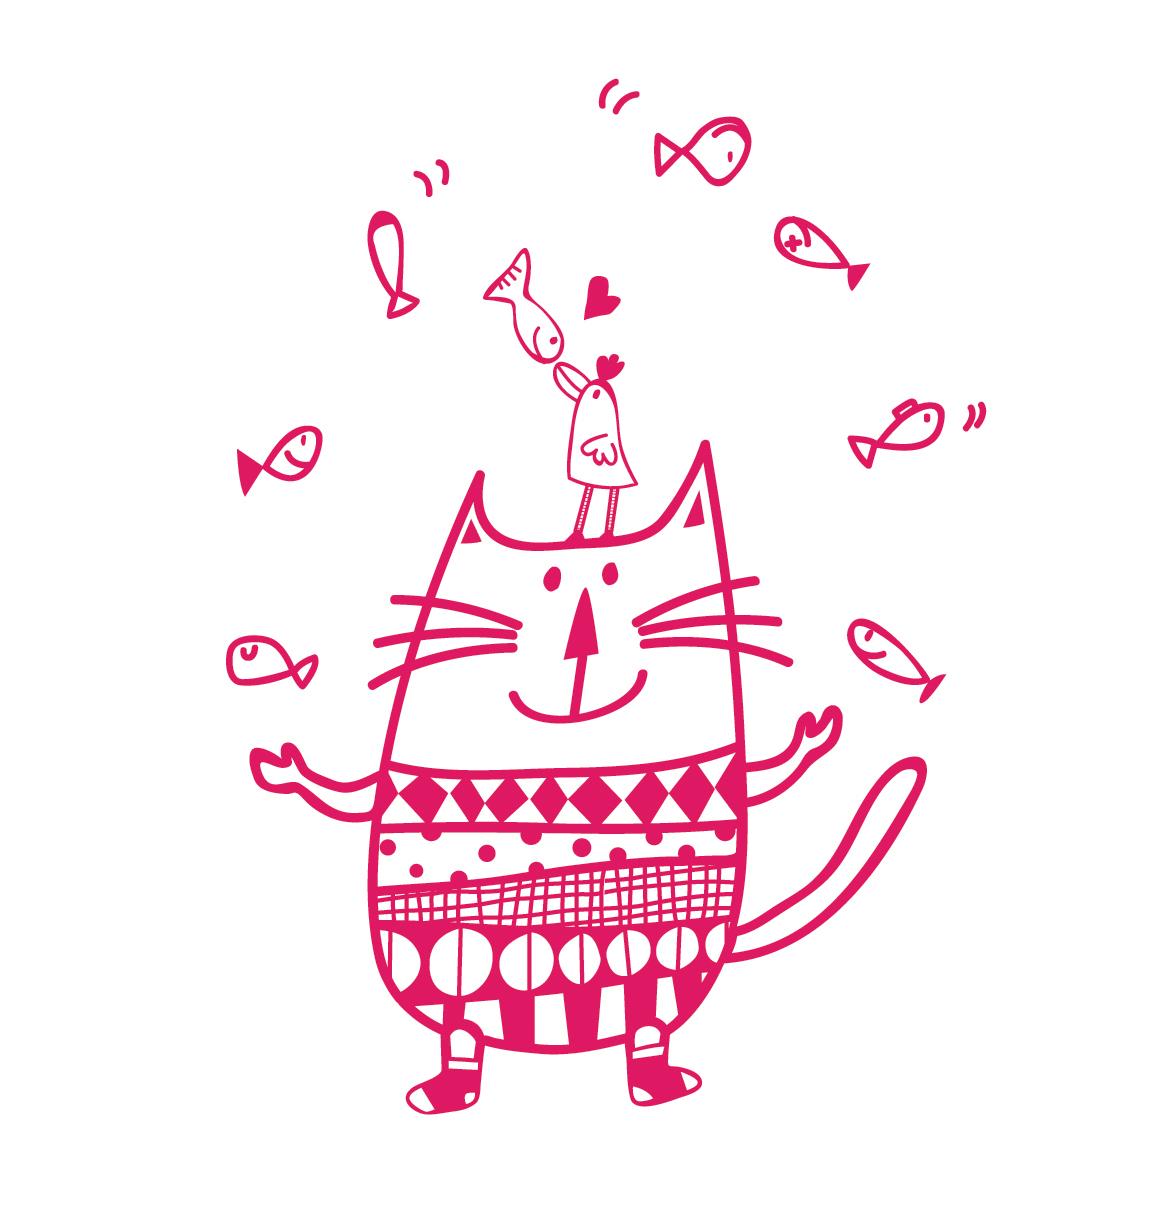 A Juggling Cat